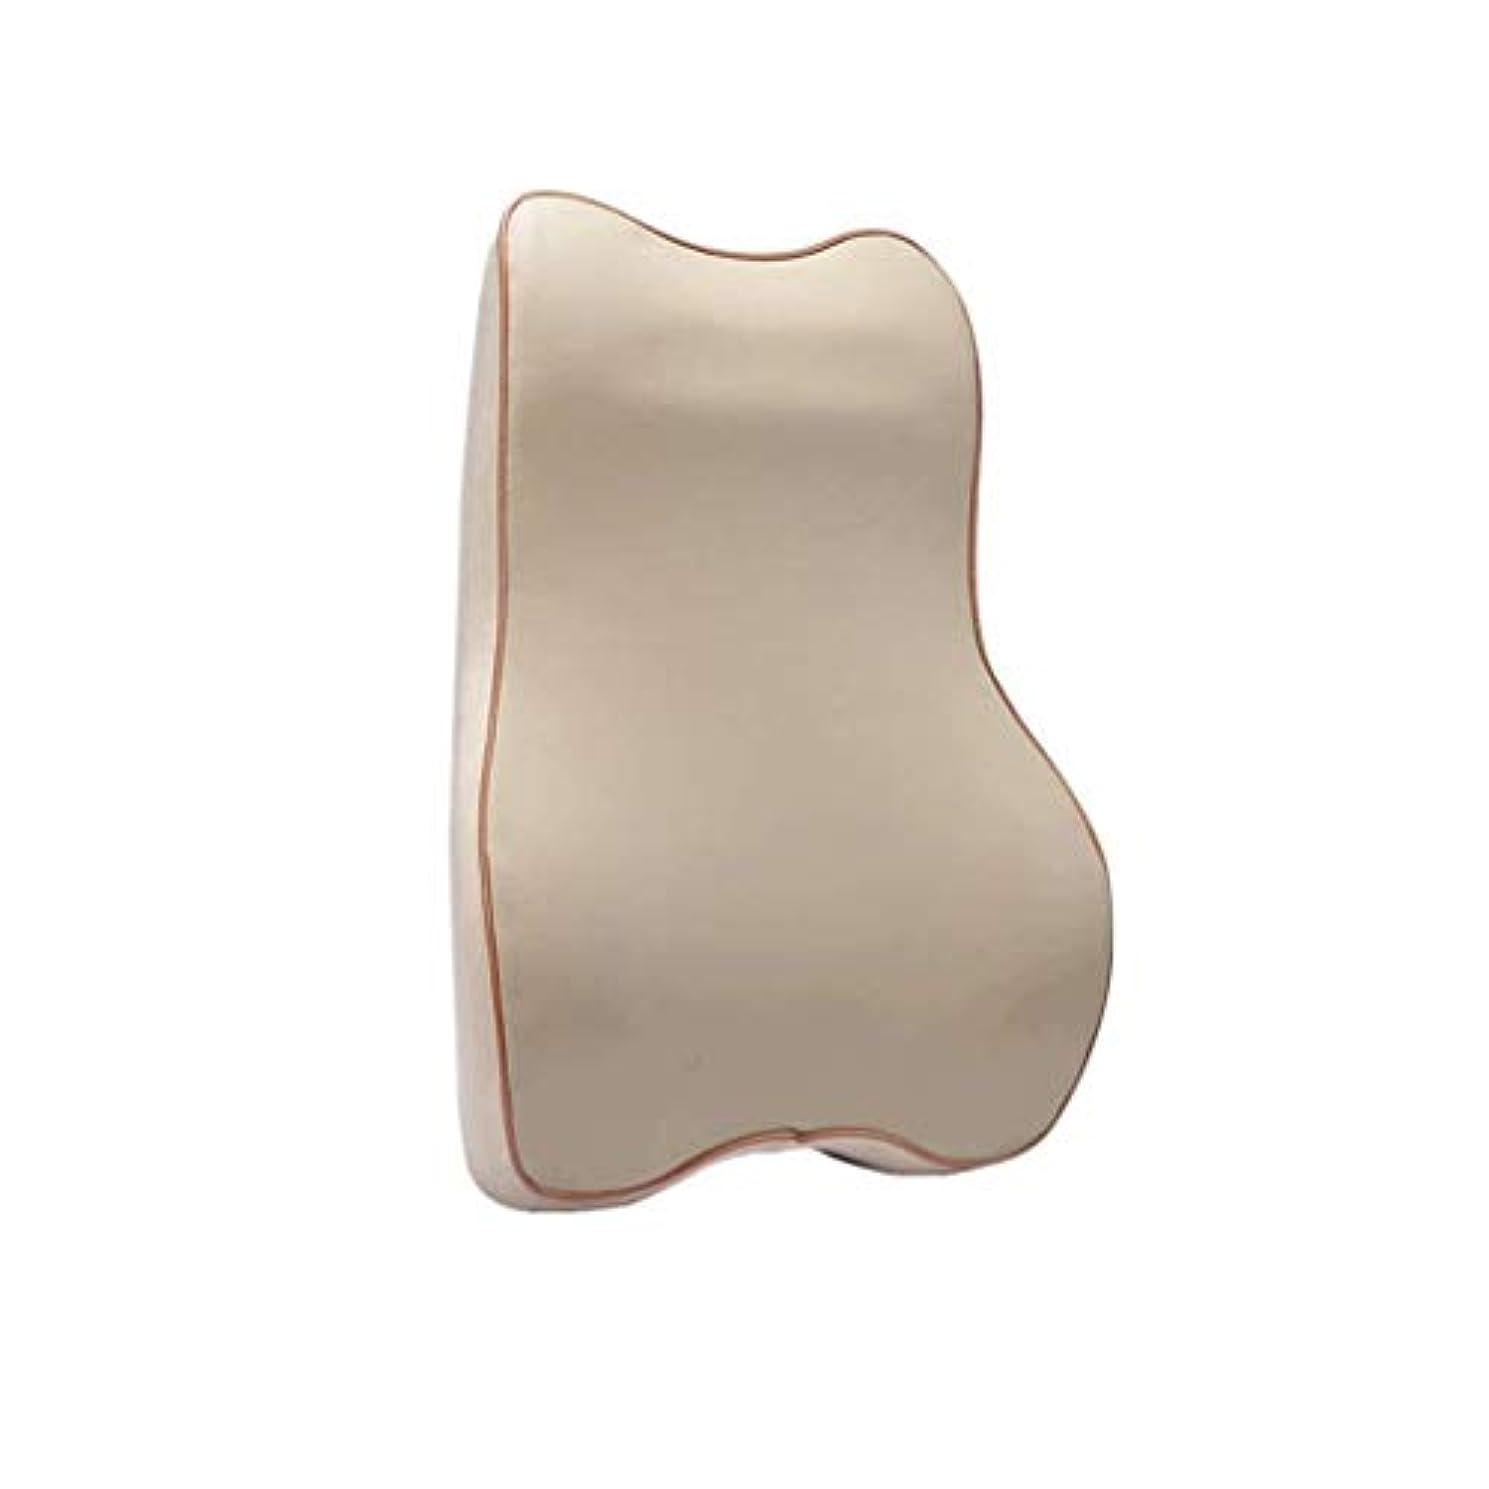 読みやすい主導権ポーク腰椎枕 - 姿勢療法ウエストクッション - 低反発フォーム、人間工学に基づいたオフィスチェア車とトラベルバックサポート枕を使用して、上下の腰痛を緩和し、予防します (Color : Beige)